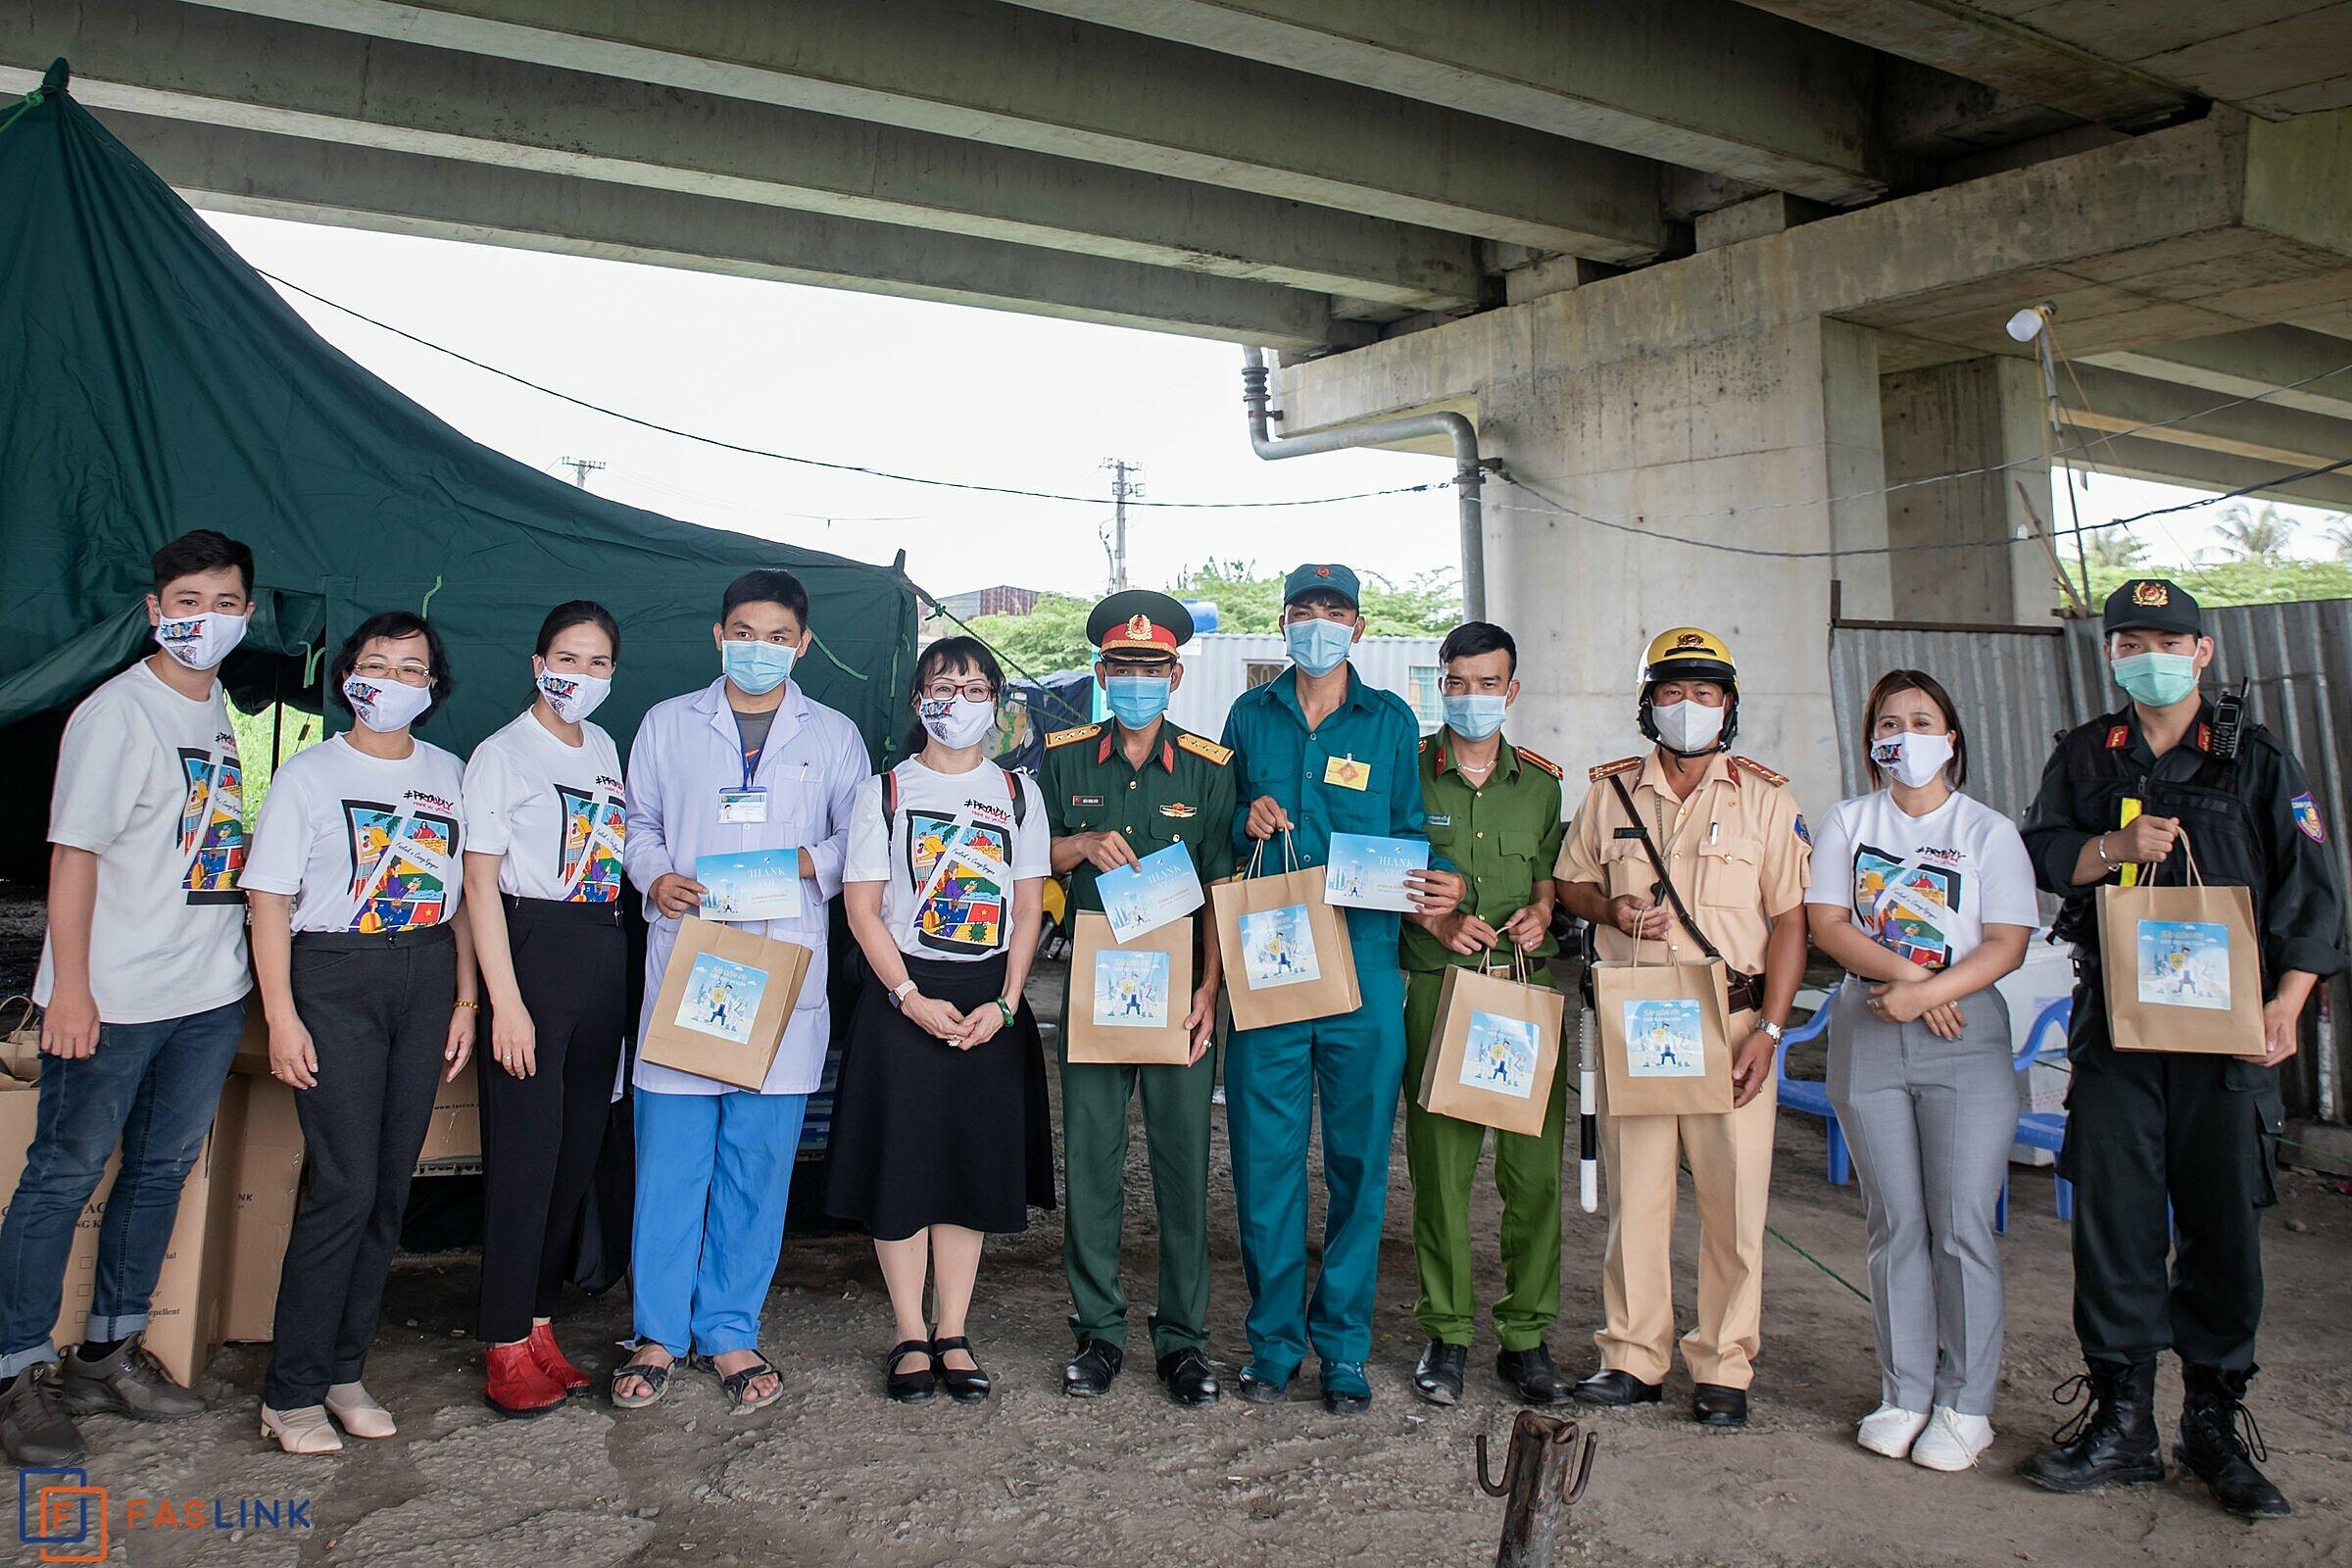 Đại diện Hiệp hội Dệt may Đan Thêu TP HCM và Faslink trao quà cho tuyến đầu chốt kiểm dịch Quốc lộ 22 (giáp tỉnh Tây Ninh).